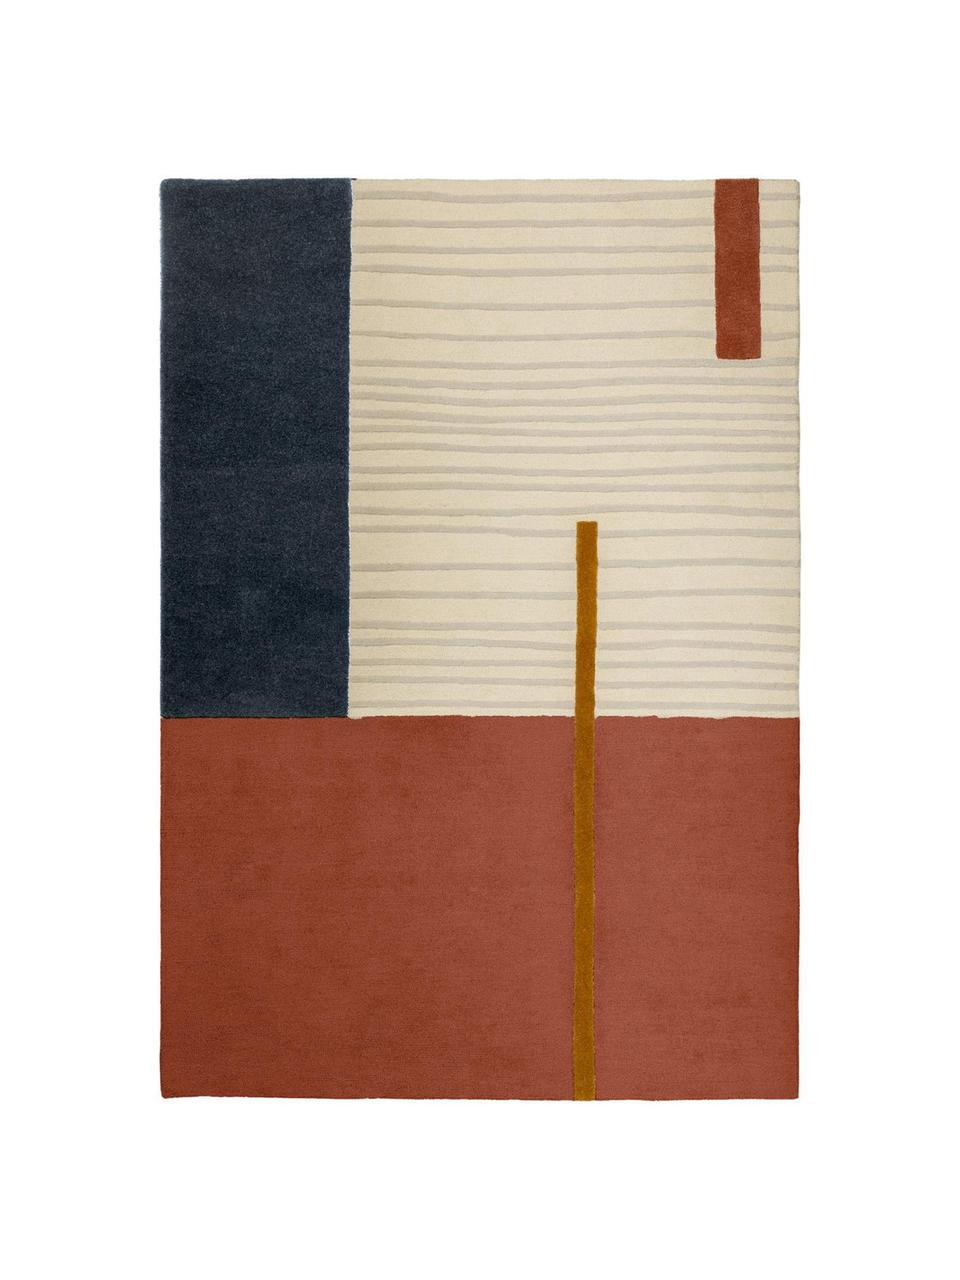 Tappeto con motivo geometrico Bahiti, 100% lana Nel caso dei tappeti di lana, le fibre possono staccarsi nelle prime settimane di utilizzo, questo e la formazione di lanugine si riducono con l'uso quotidiano, Multicolore, Larg. 160 x Lung. 230 cm